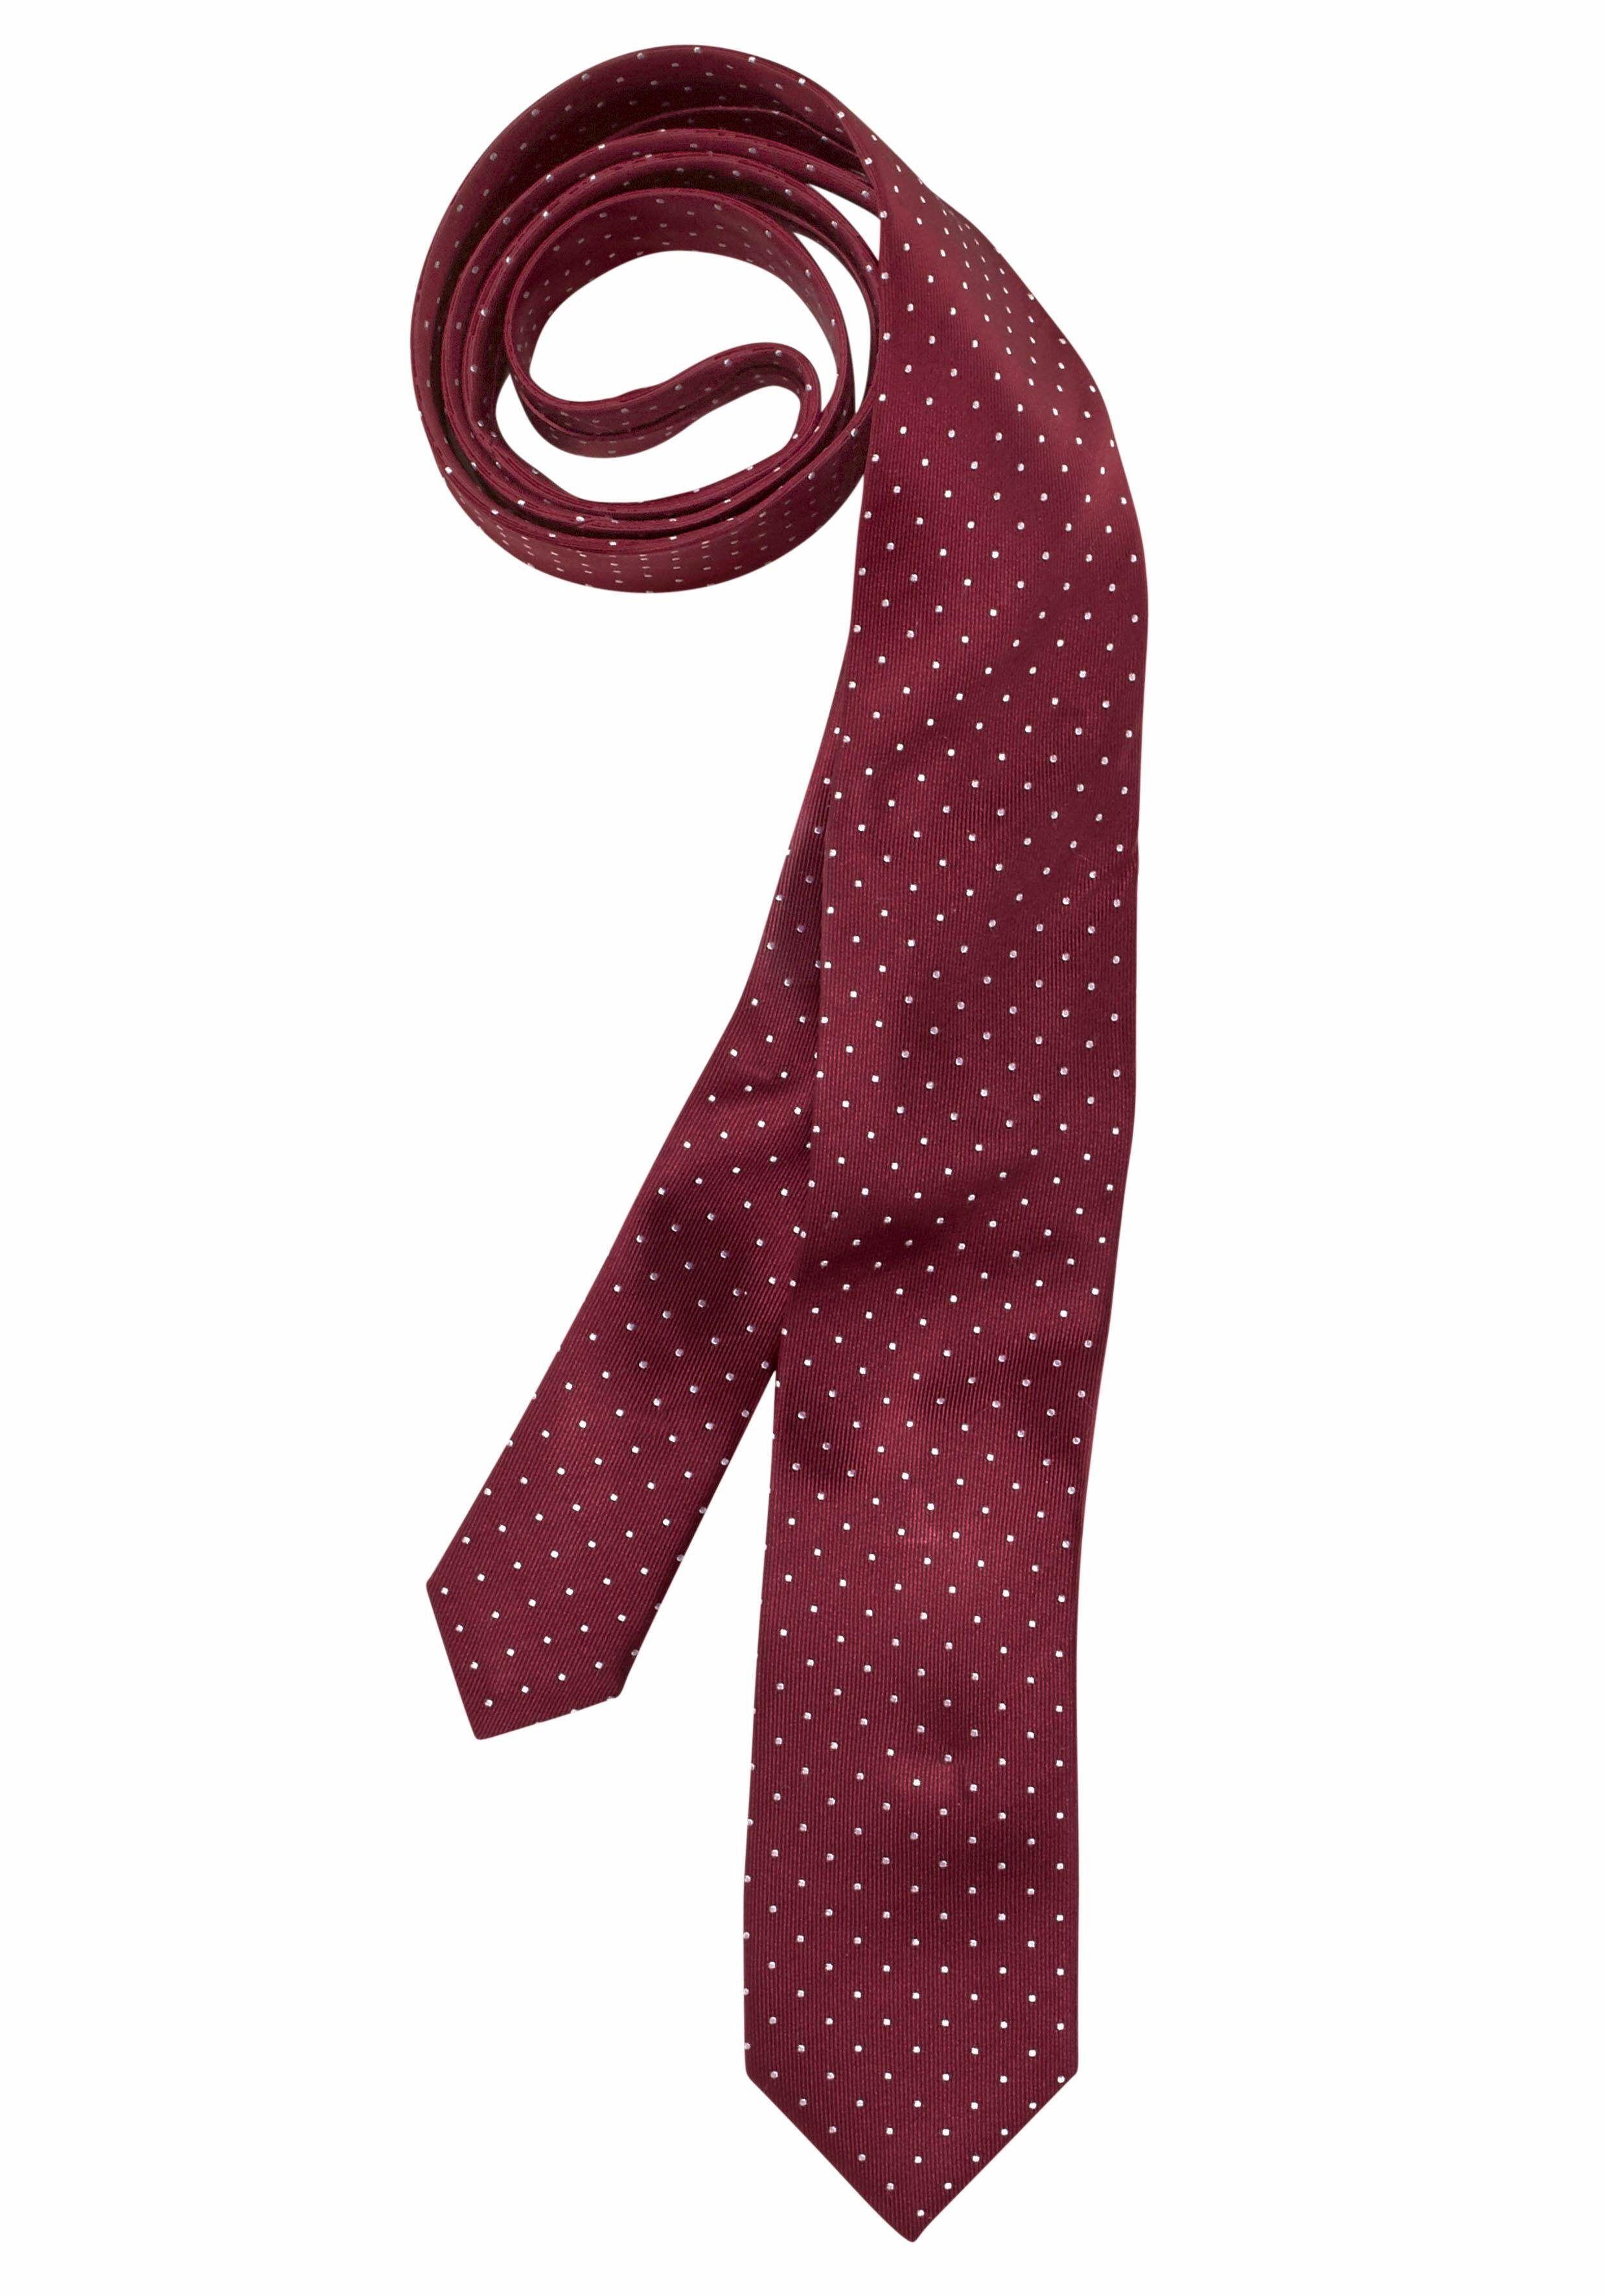 OLYMP Krawatte klassisches Pünktchenmuster, bordeaux-gepunktet